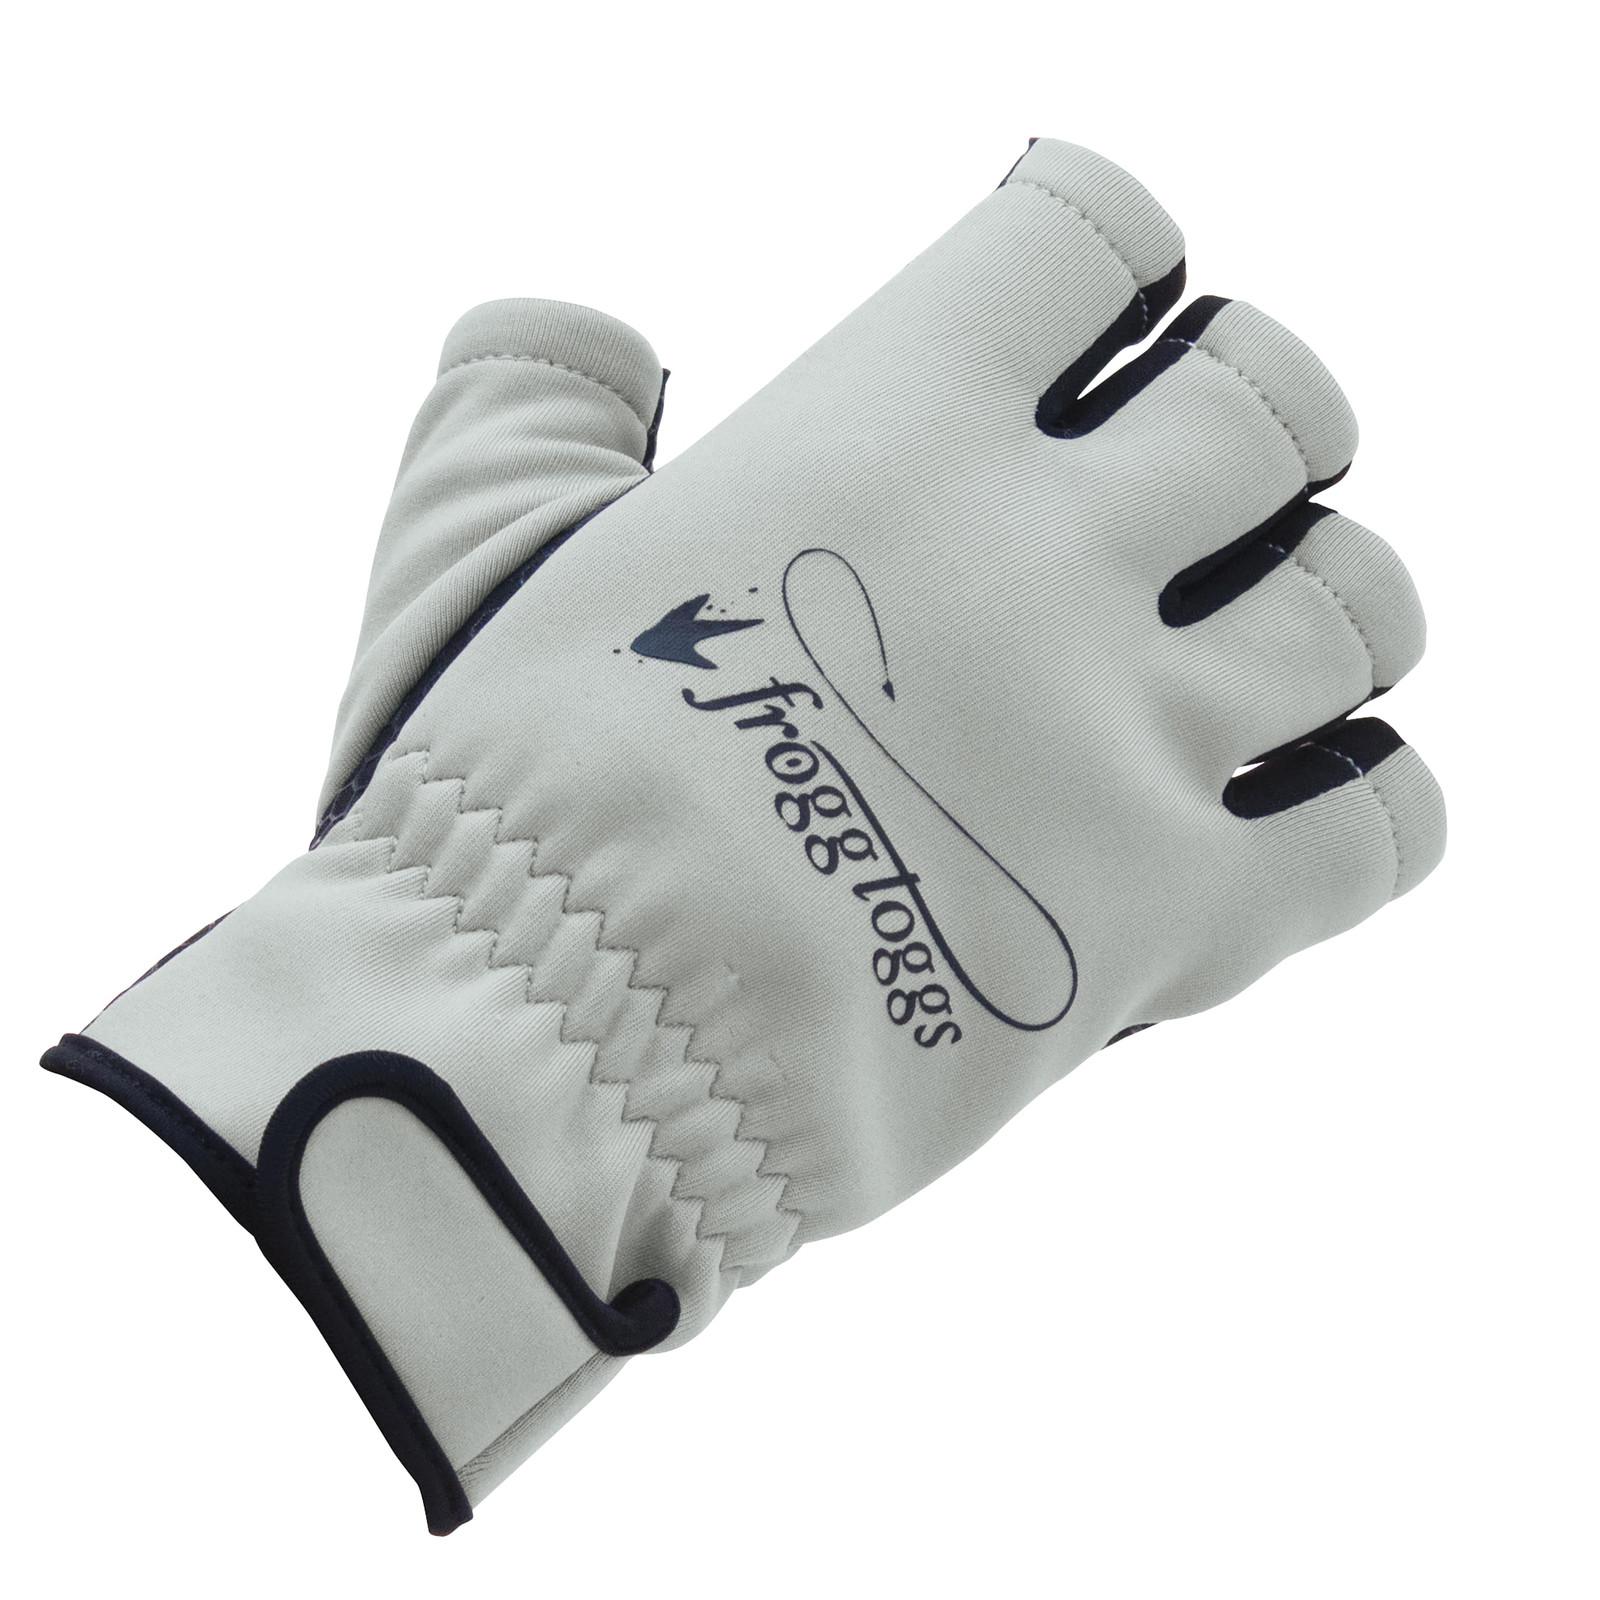 Frogg Fingers Fleece Gloves Fingerless